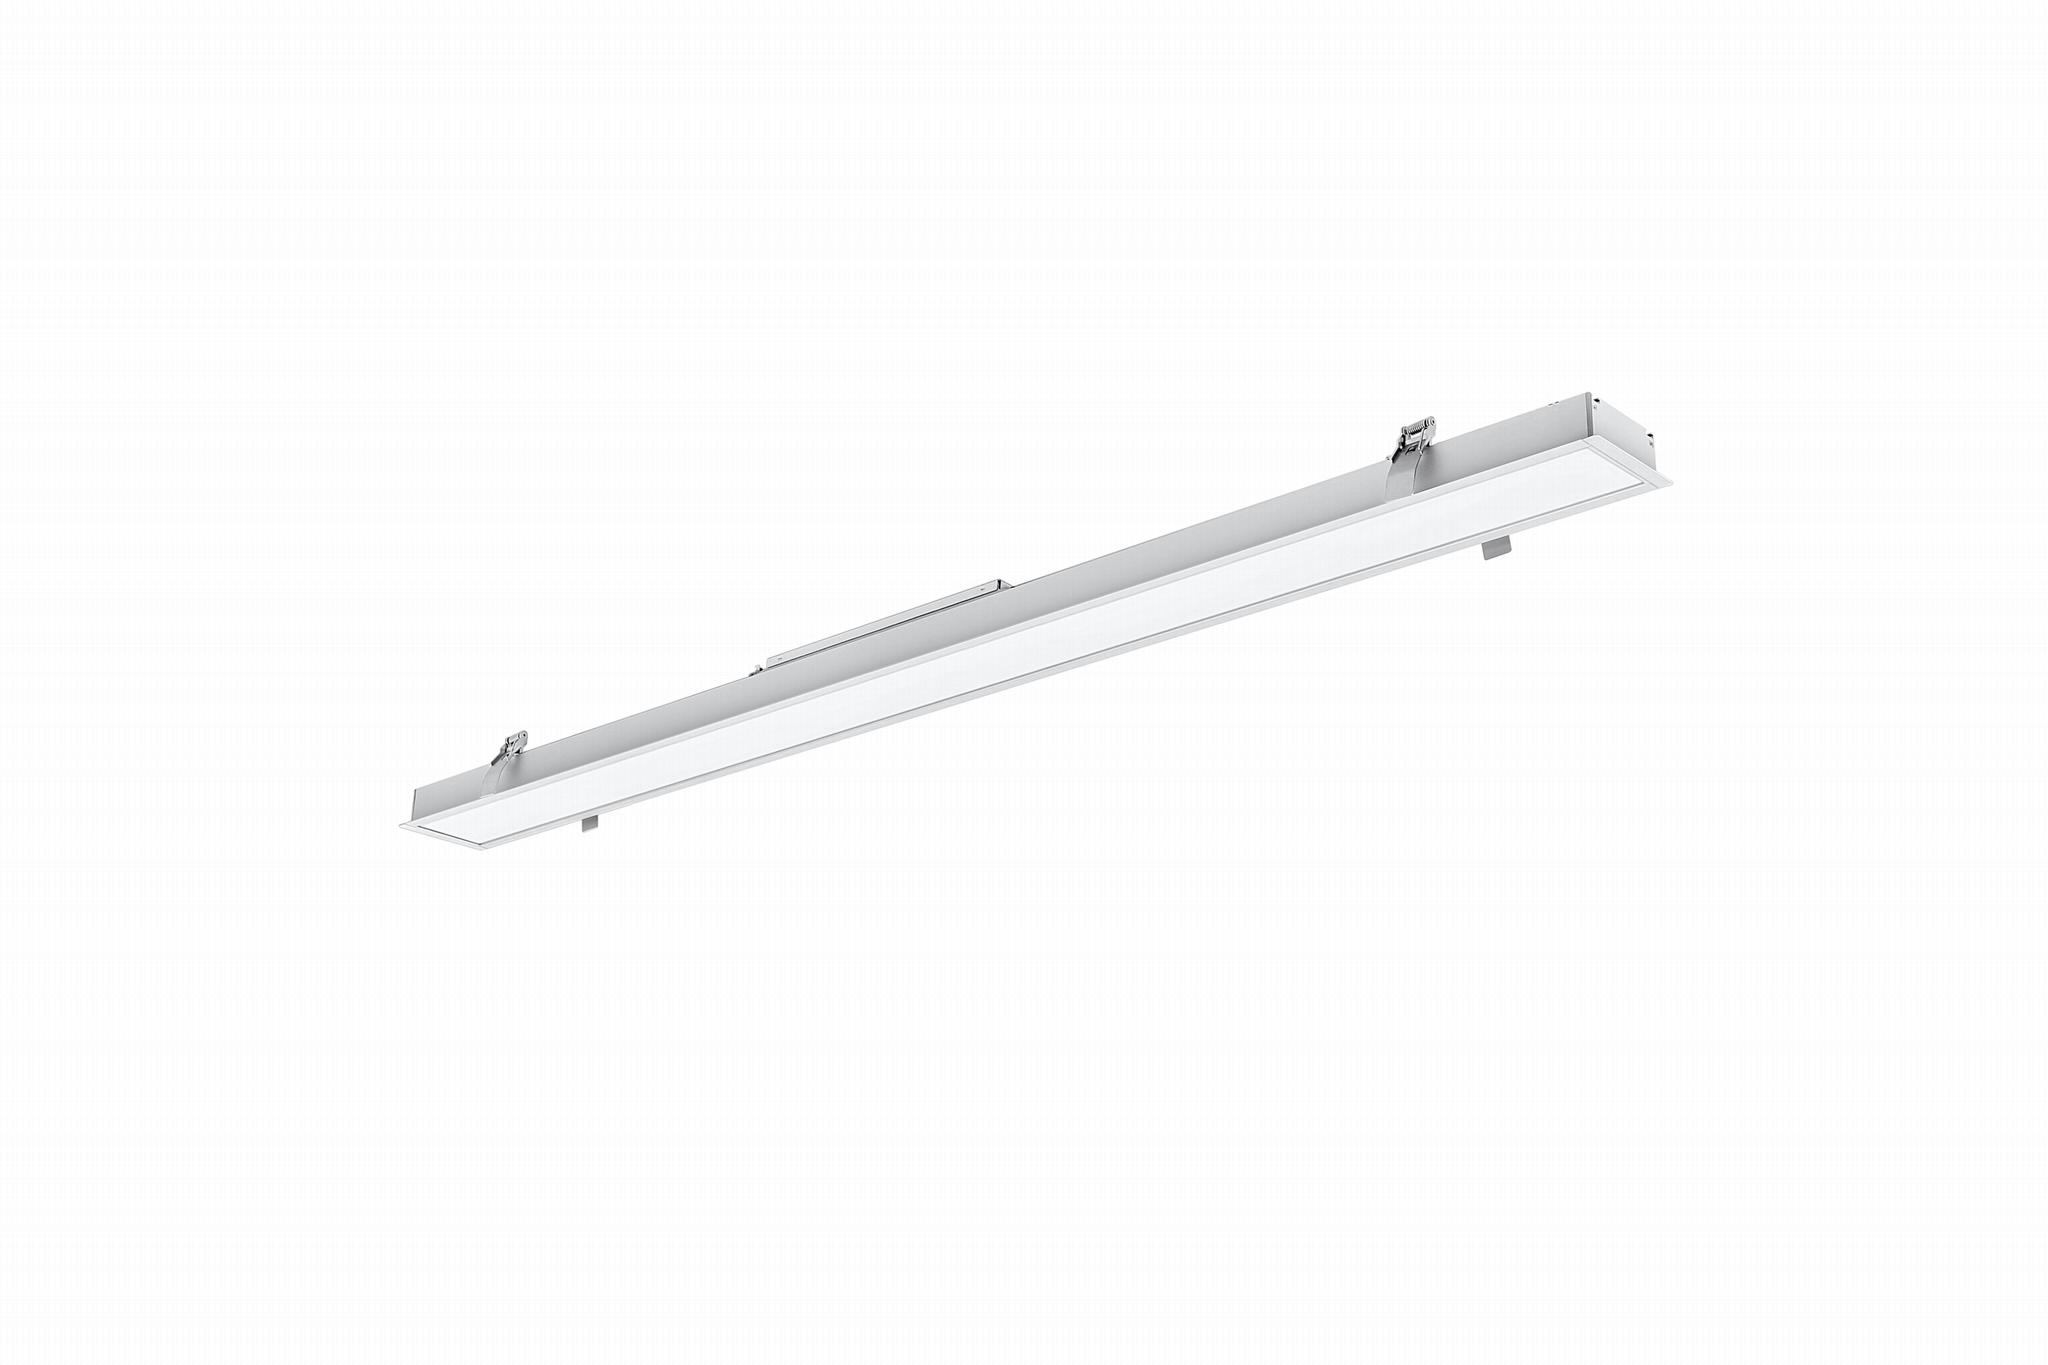 嵌入式線性燈 LE9035-PZ 3